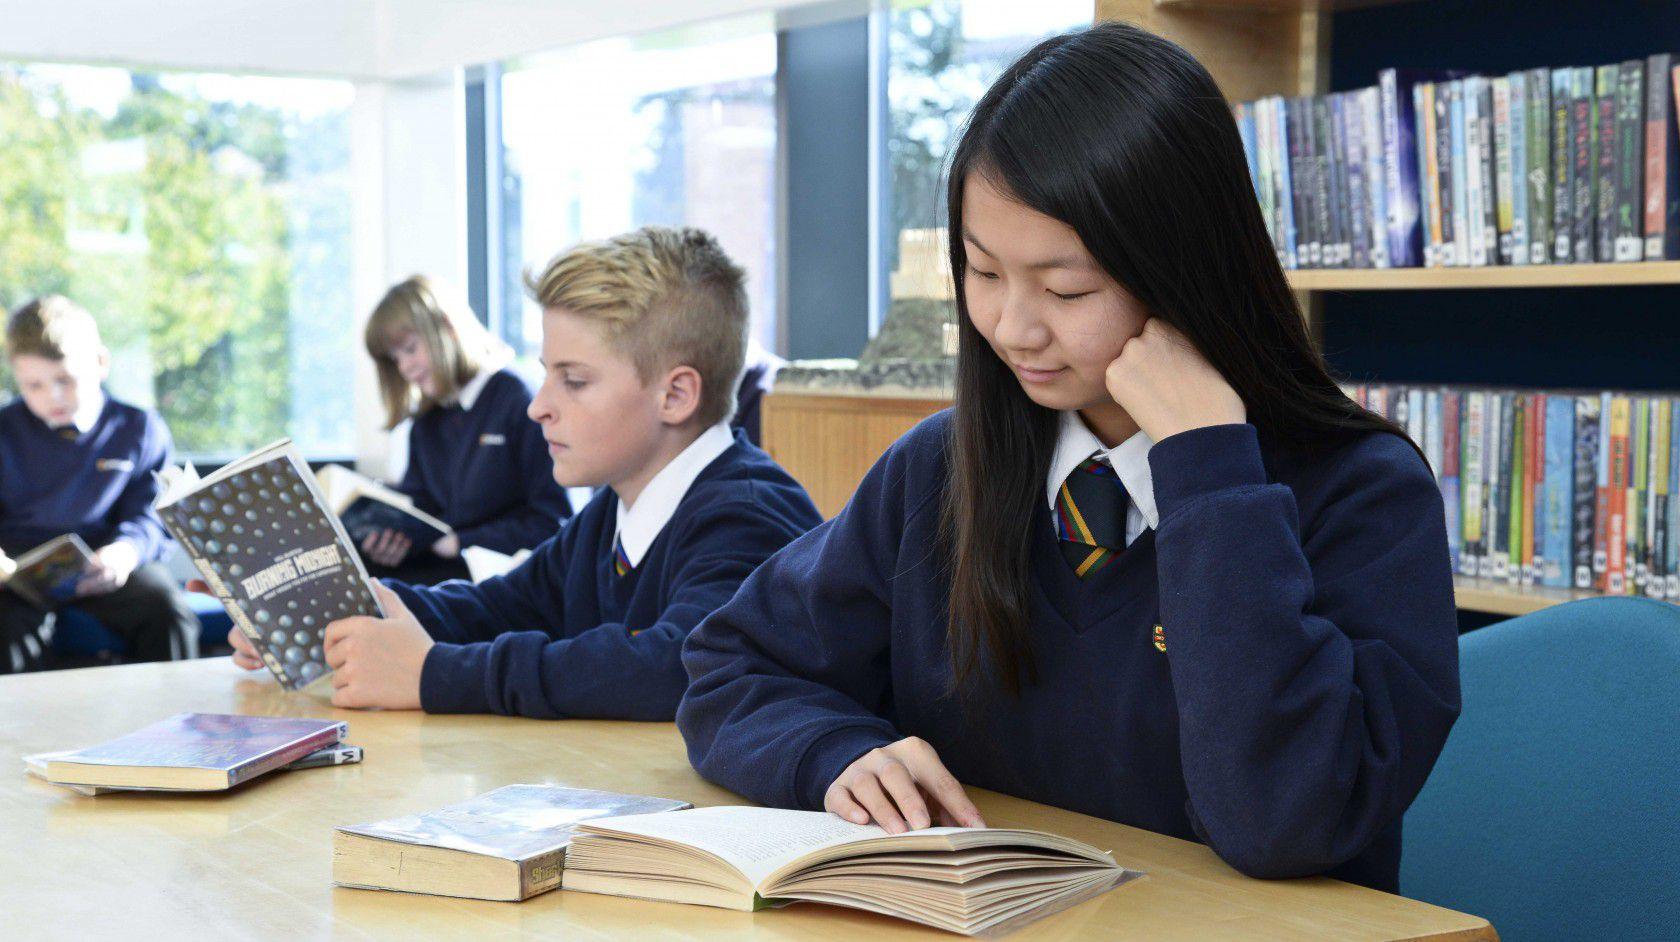 İtalya Lise Eğitimi PLEP Sınavı Başvurusu Koşulları Nelerdir?